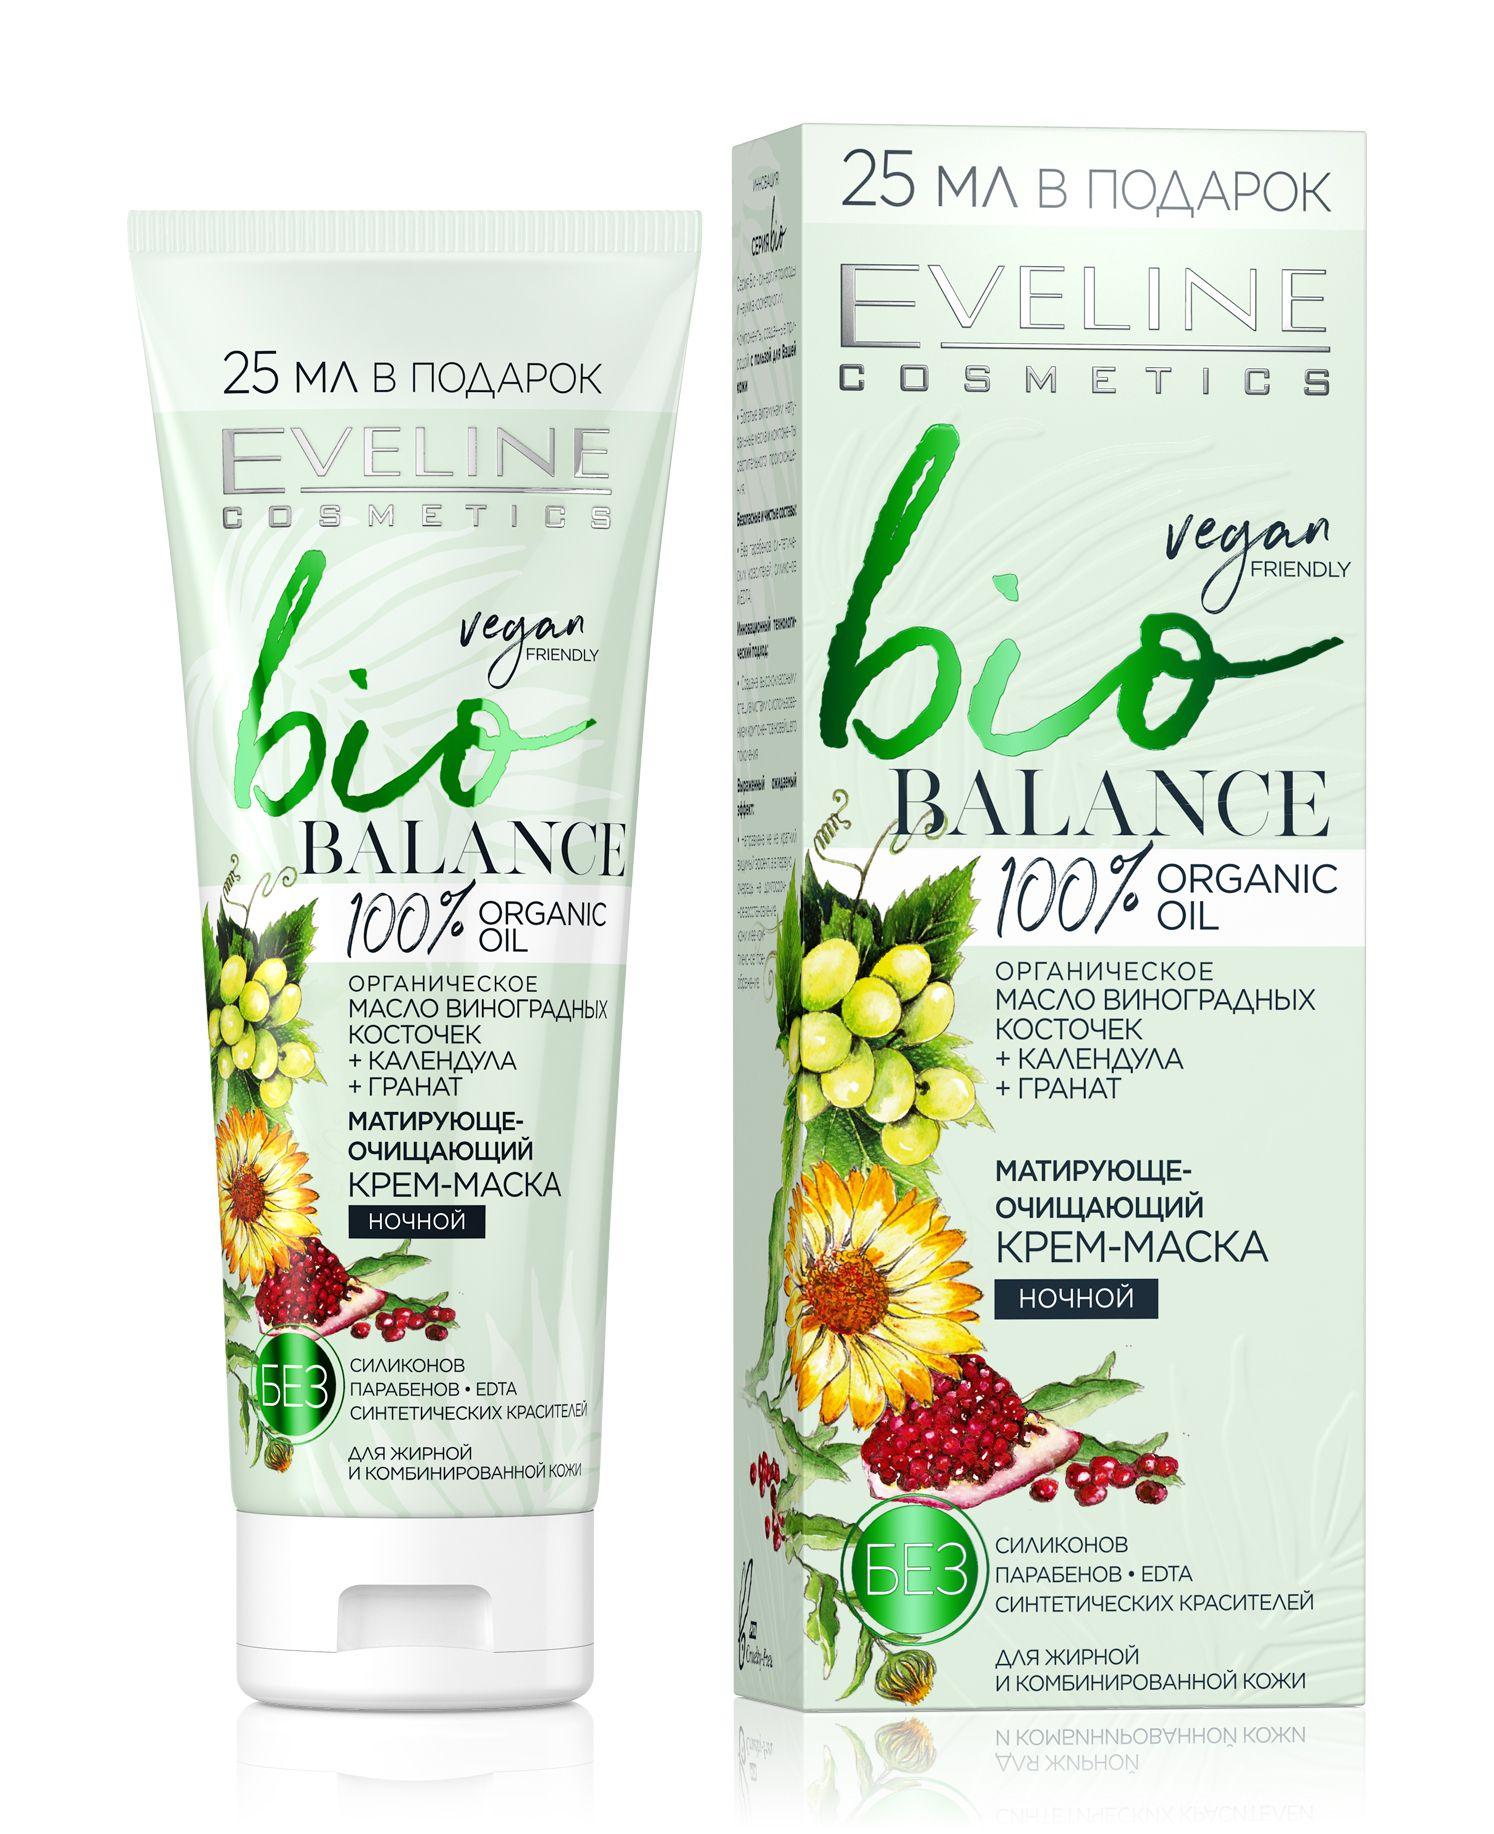 Bio balance – matroudi-purifying cream-mask night series bio, Eveline, 75 ml